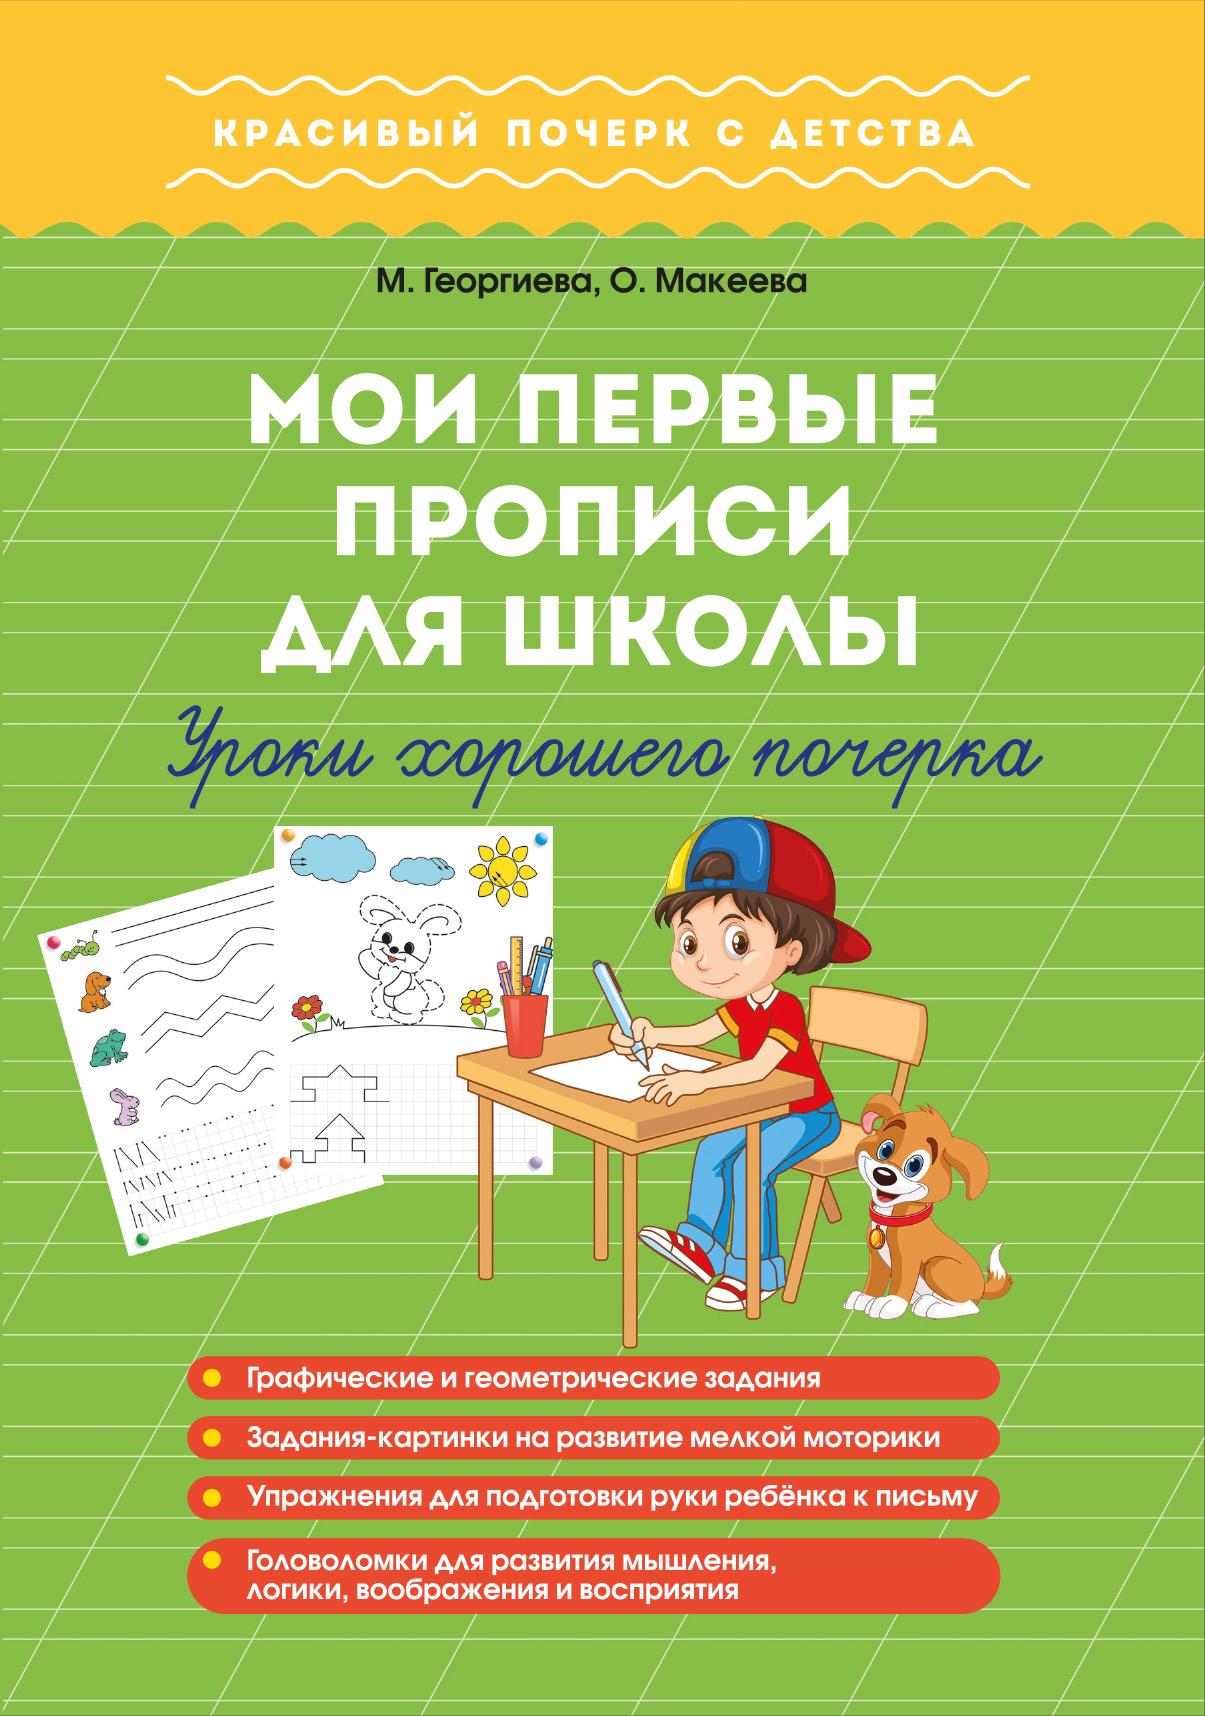 цена на М. О. Георгиева Мои первые прописи для школы. Уроки хорошего почерка